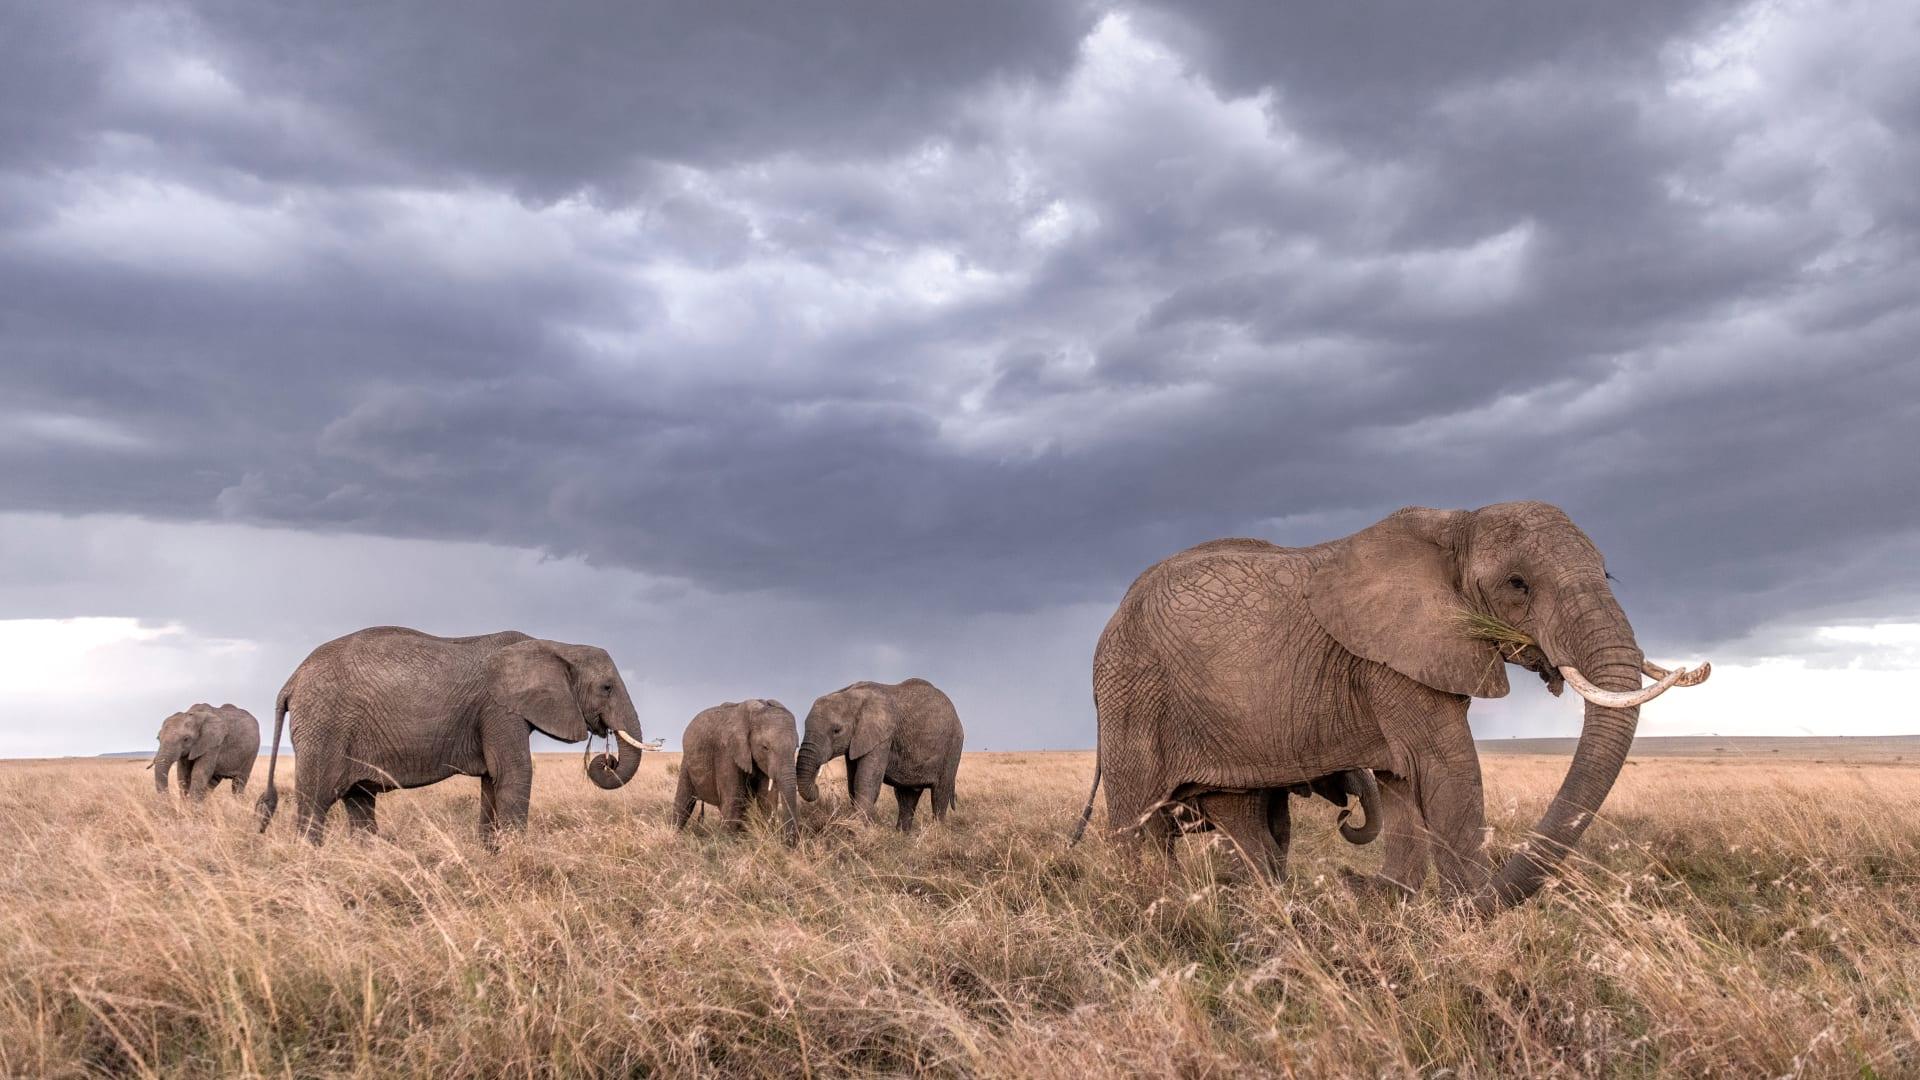 .كيف حصل مصور بريطاني على صور العمر للحياة البرية في كينيا